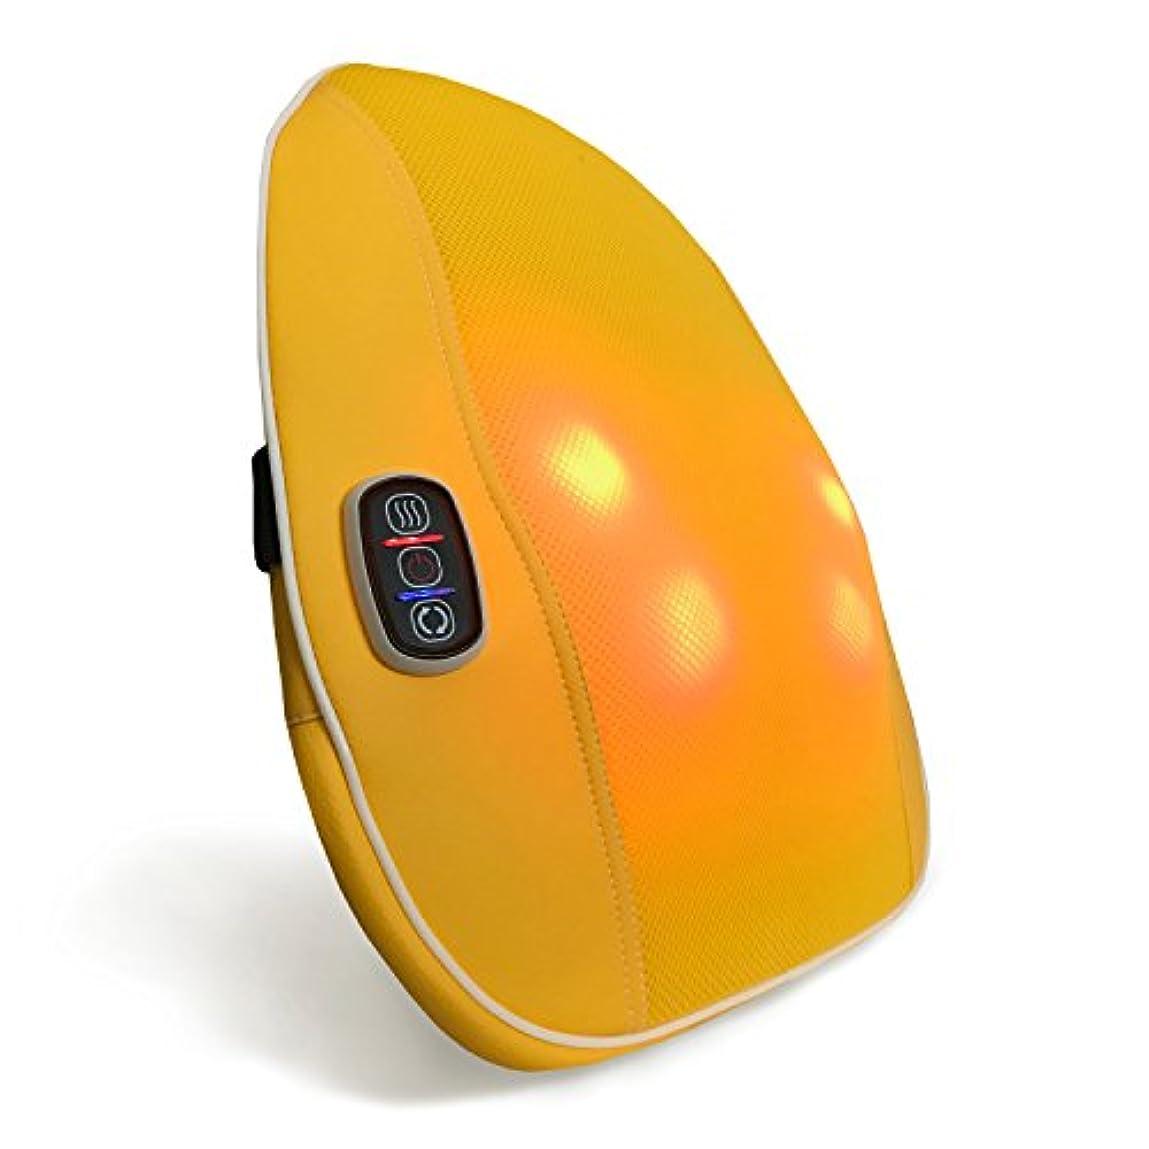 近々疲れた代わりにを立てるクロシオ スマートマッサージャー パプリカ イエロー 幅40cm 厚み9cm もみ玉式マッサージ器 薄型 簡単操作 マッサージクッション